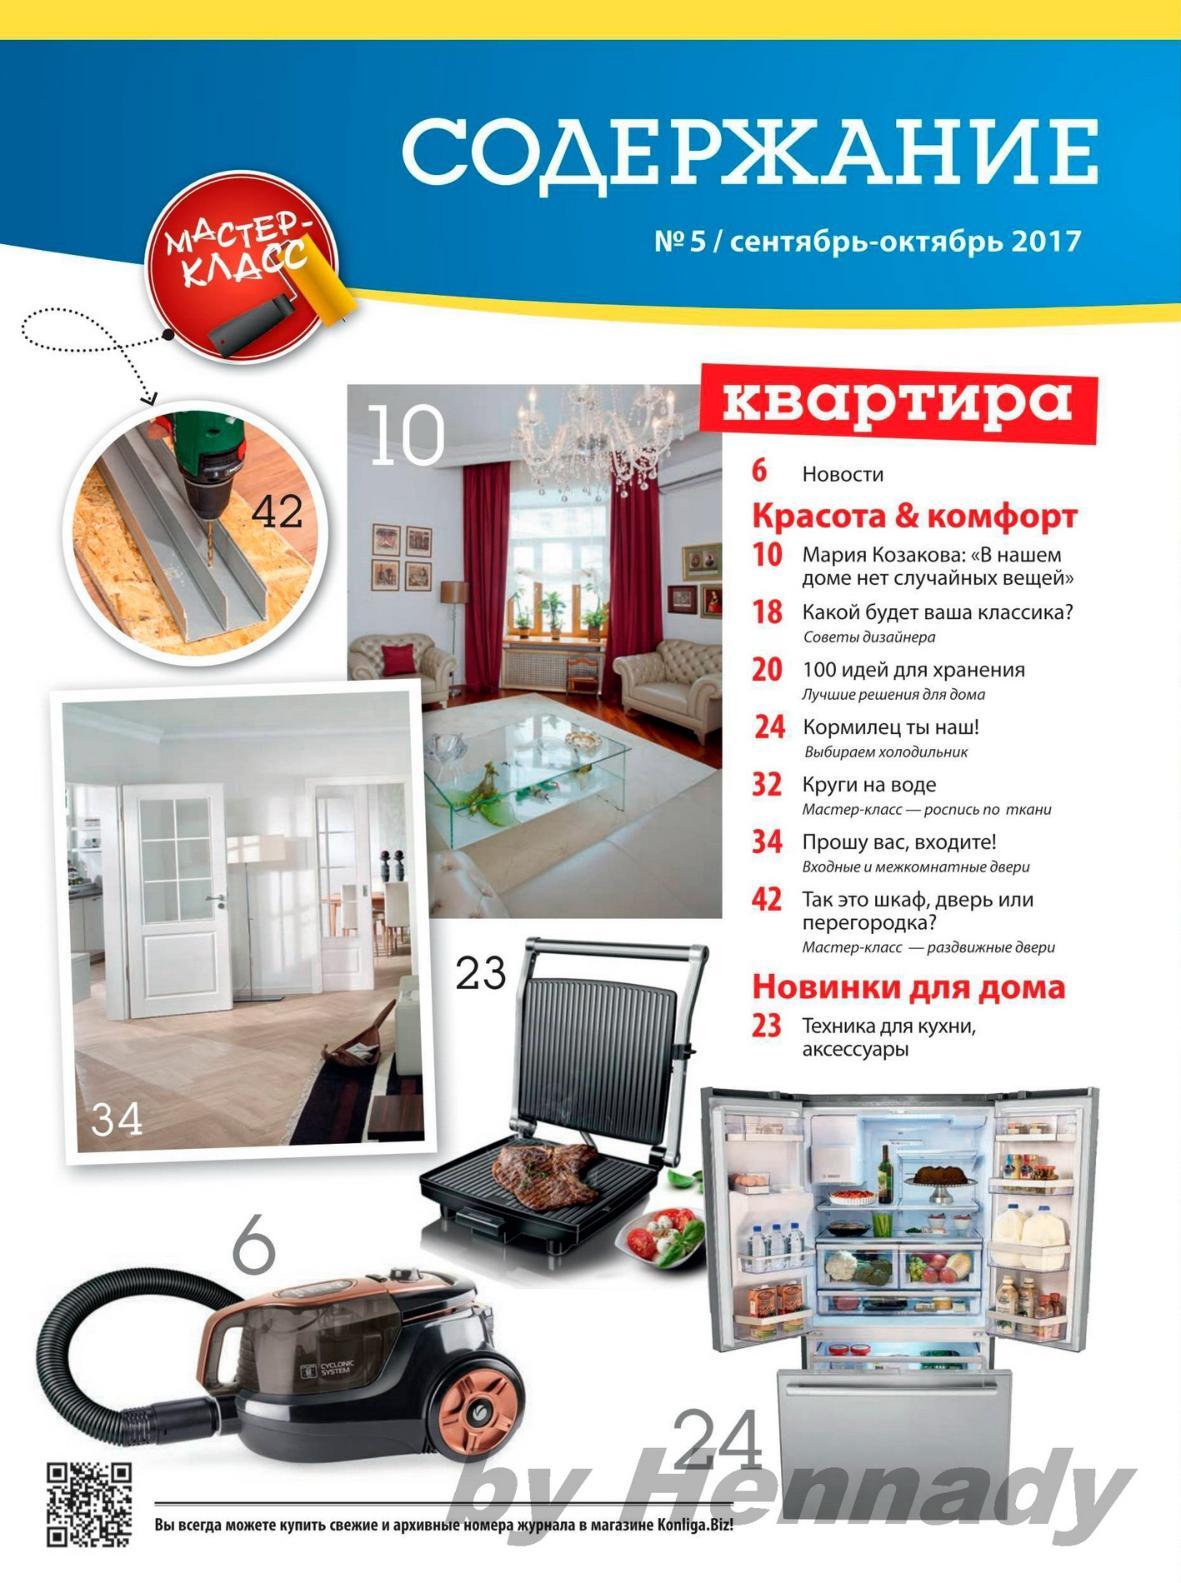 6caf8f69e Мой любимый дом №5 сентябрь-октябрь 2017 - CALAMEO Downloader